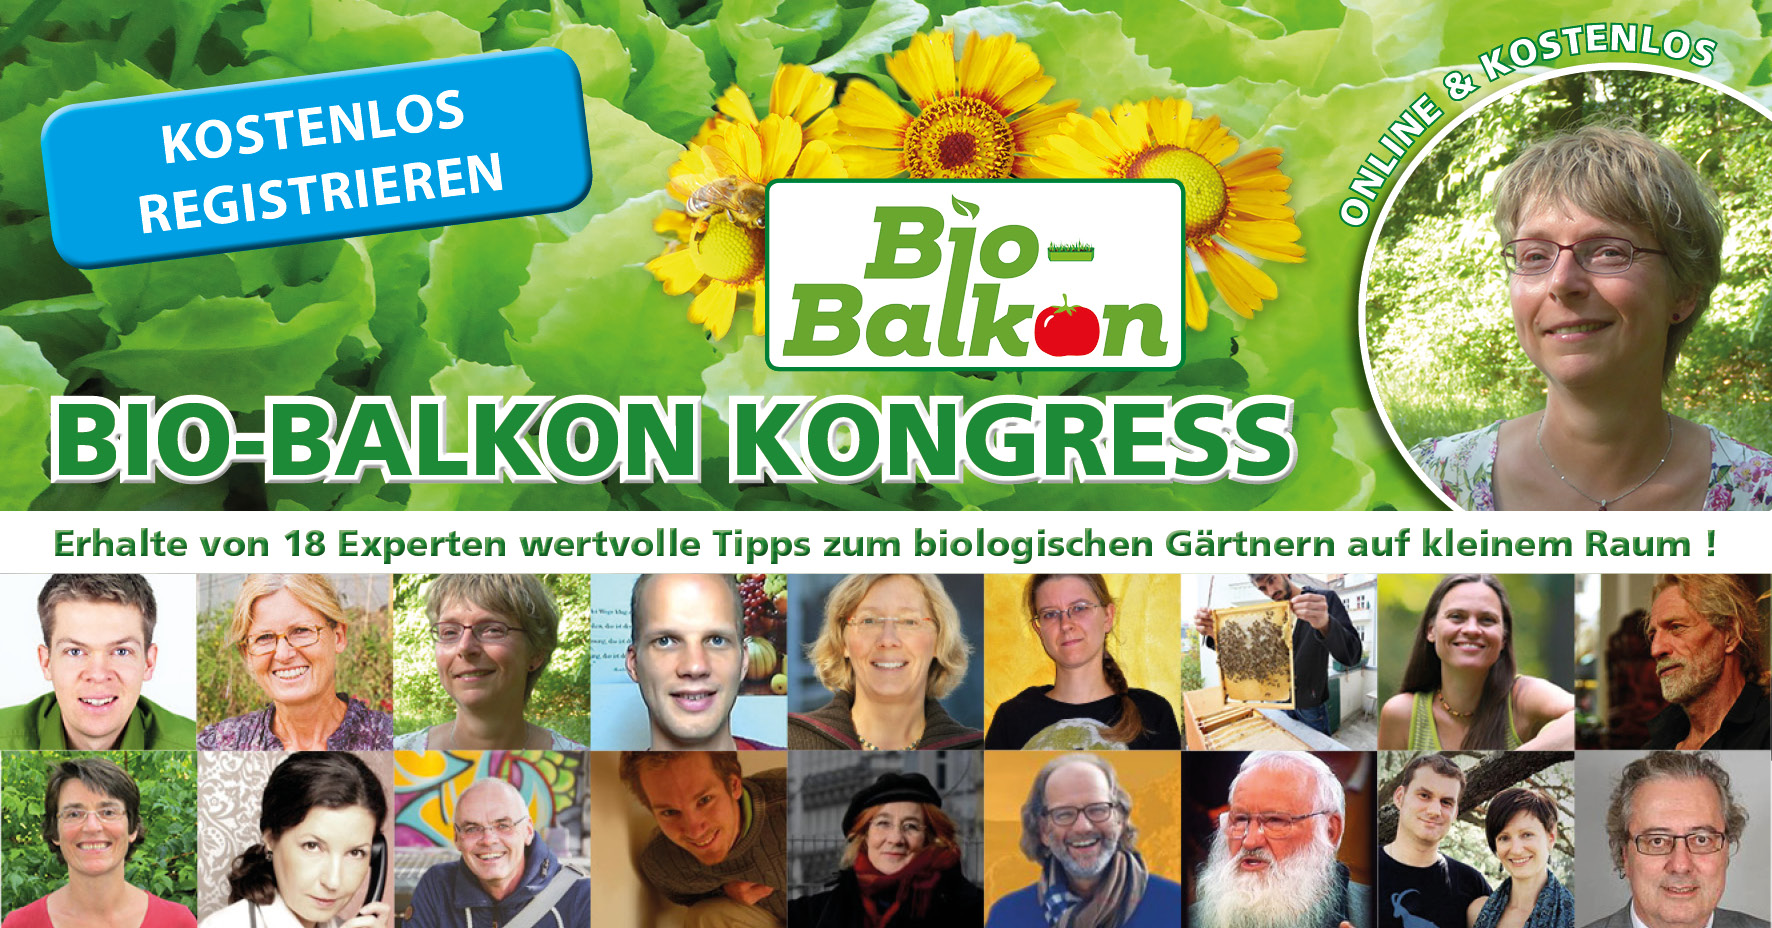 Aktuell: Bio-Balkon Kongress - 3880 Teilnehmer